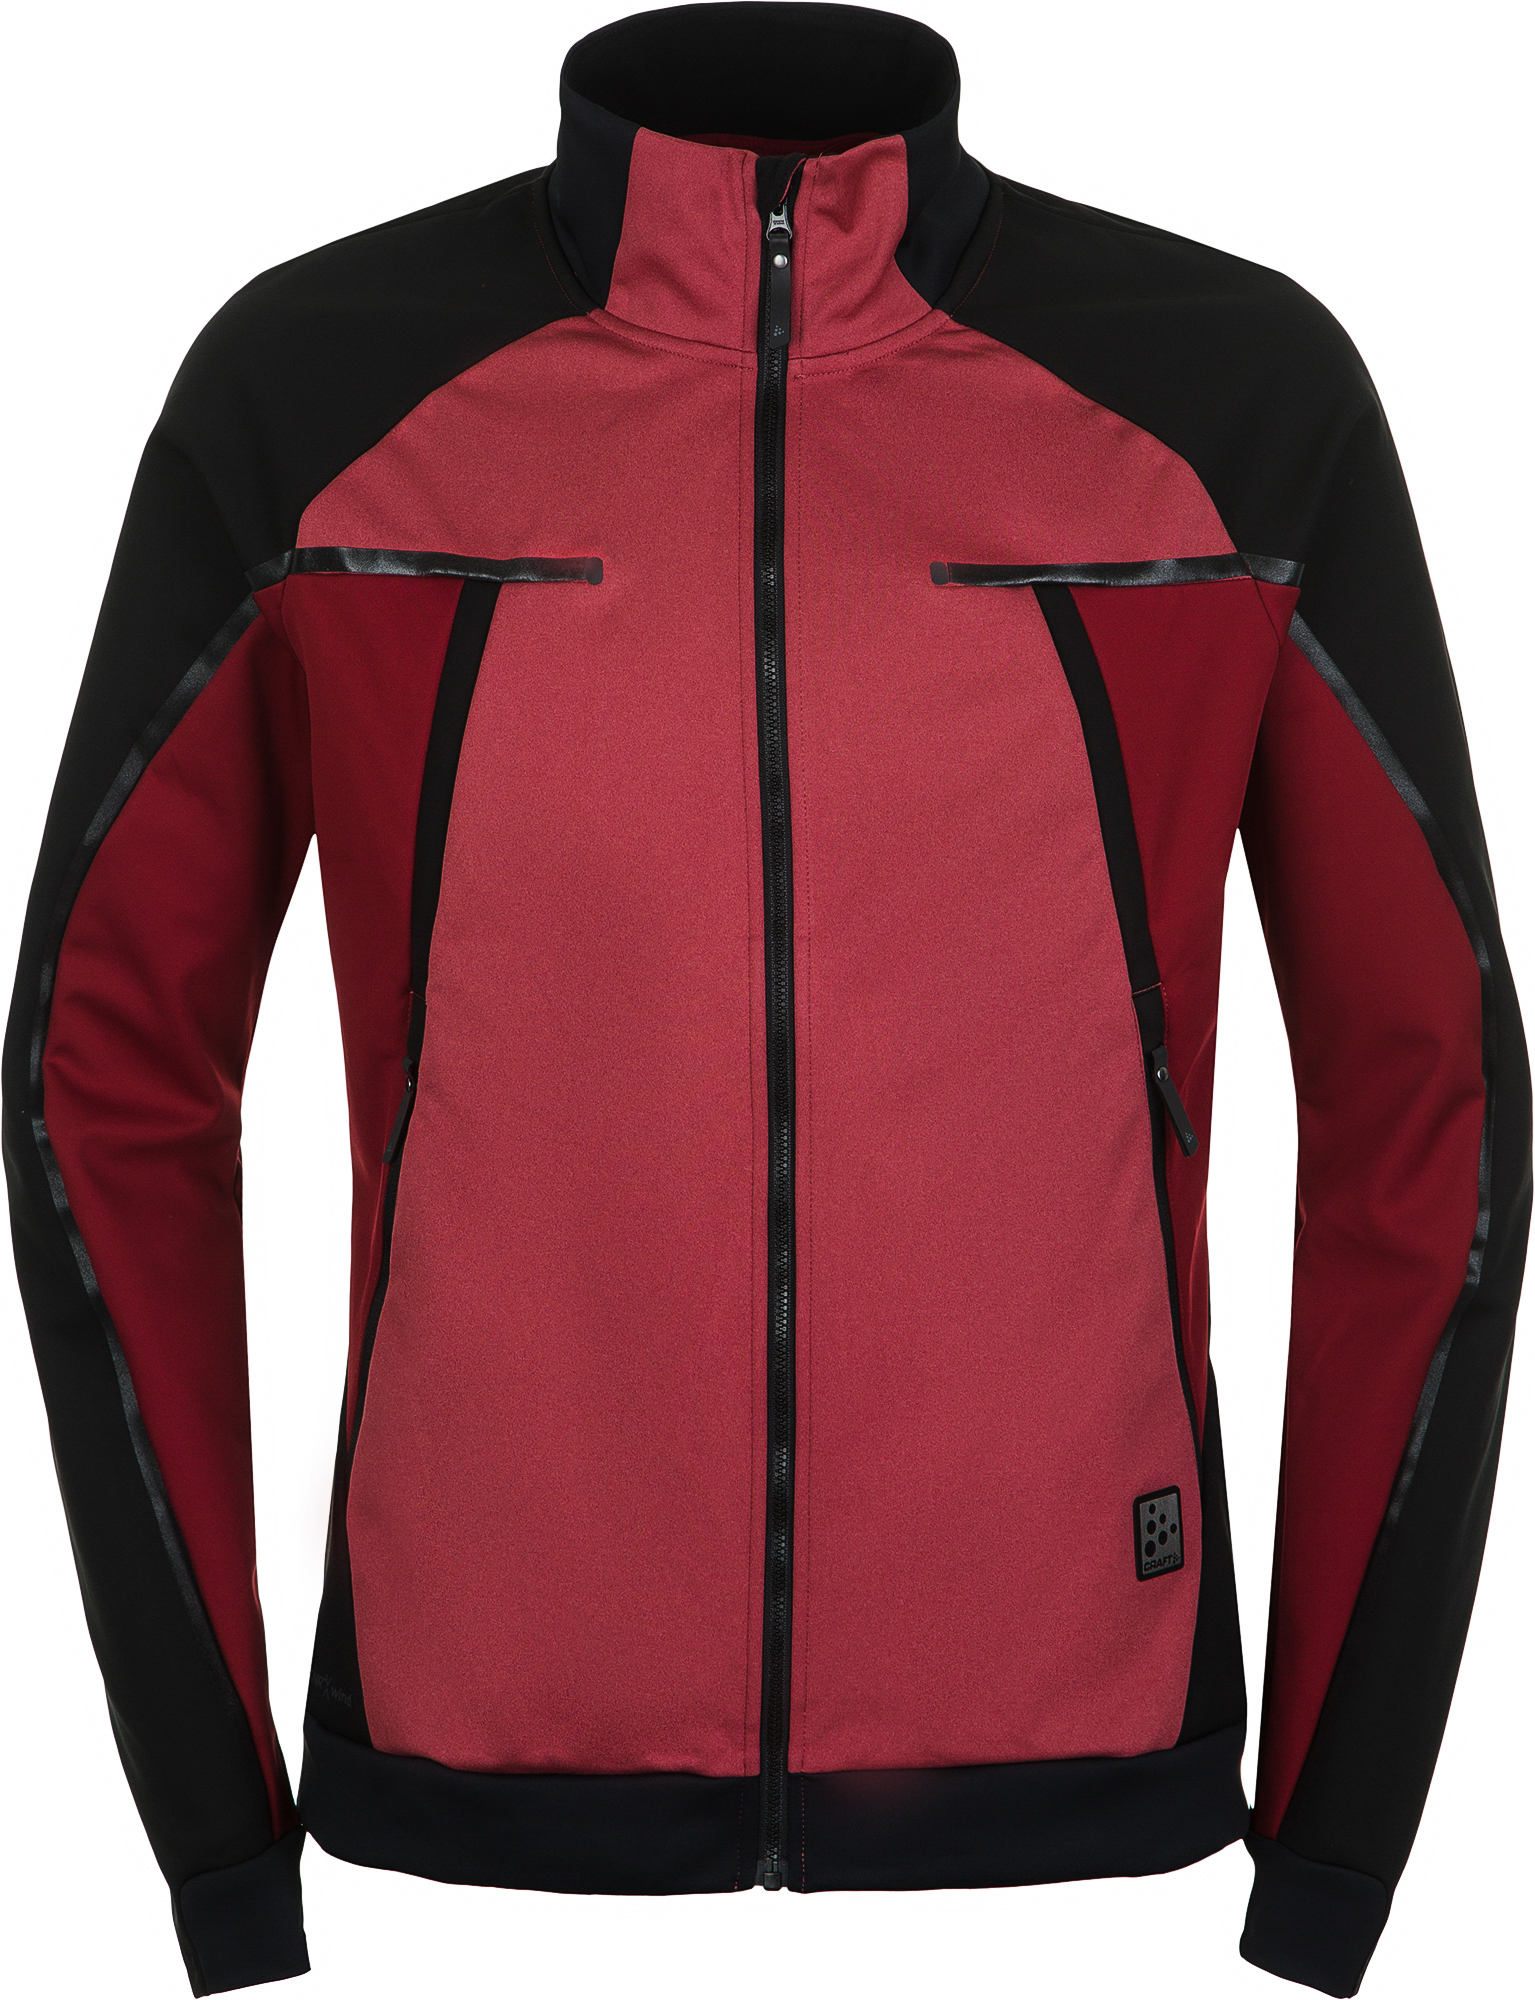 Фото - Craft Куртка мужская Craft Pursuit Balance Tech, размер 48-50 craft куртка мужская craft размер 52